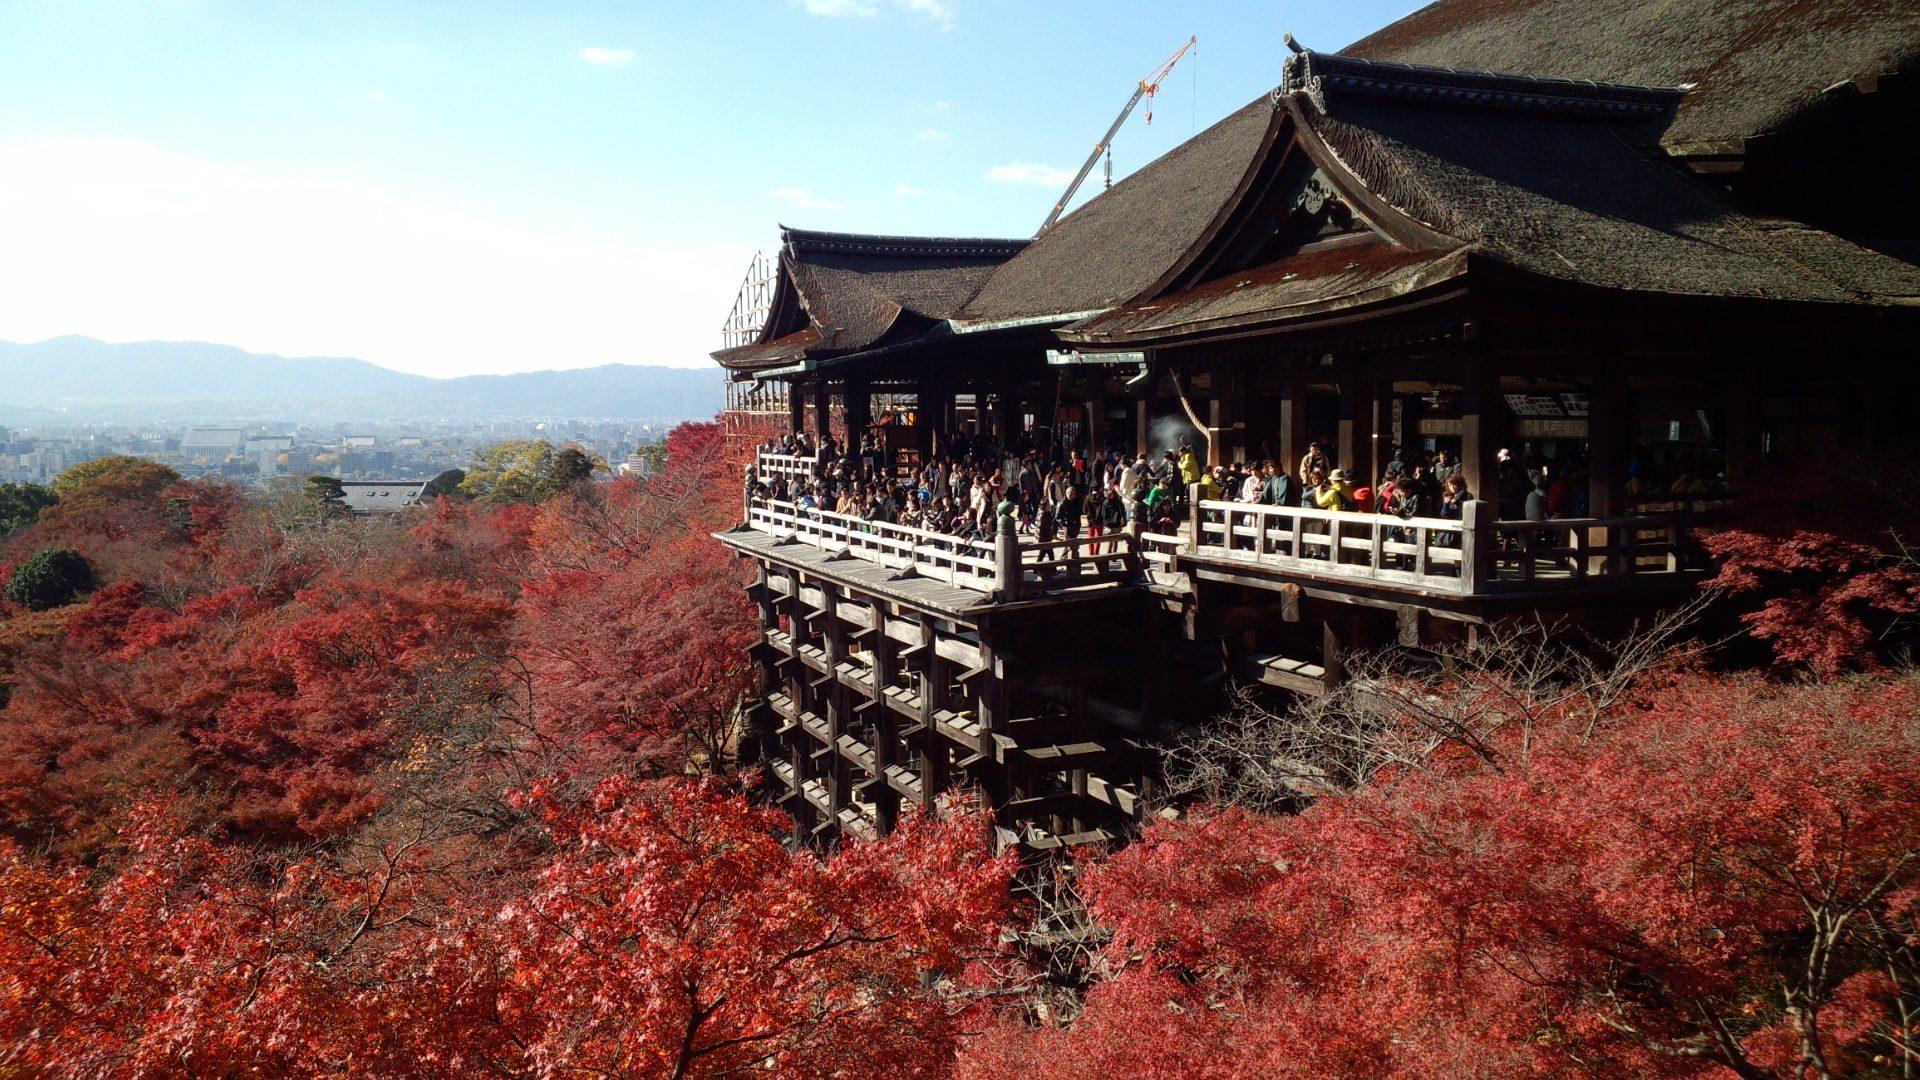 Σπίτι, arces, φθινόπωρο, Τουρισμός, kioto, Ιαπωνία - Wallpapers HD - Professor-falken.com